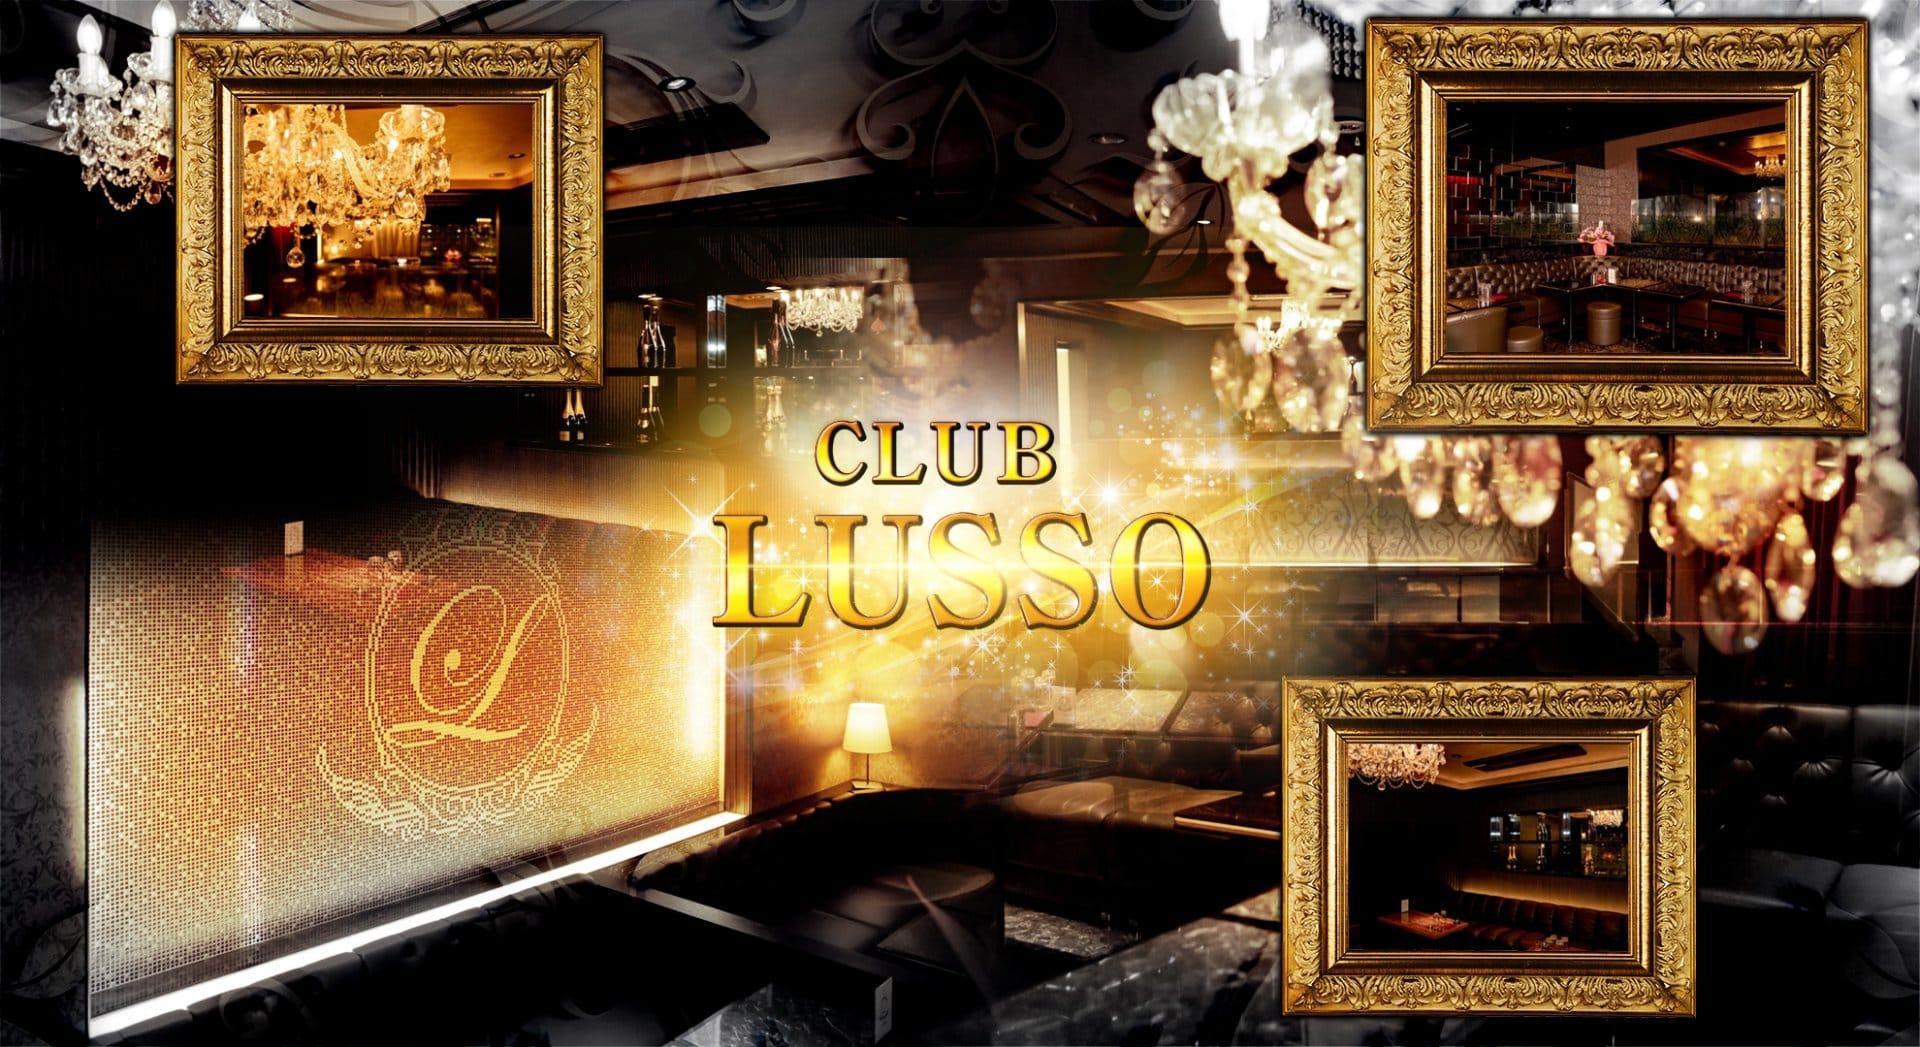 【上田】CLUB LUSSO(クラブルッソ) 上田キャバクラ TOP画像